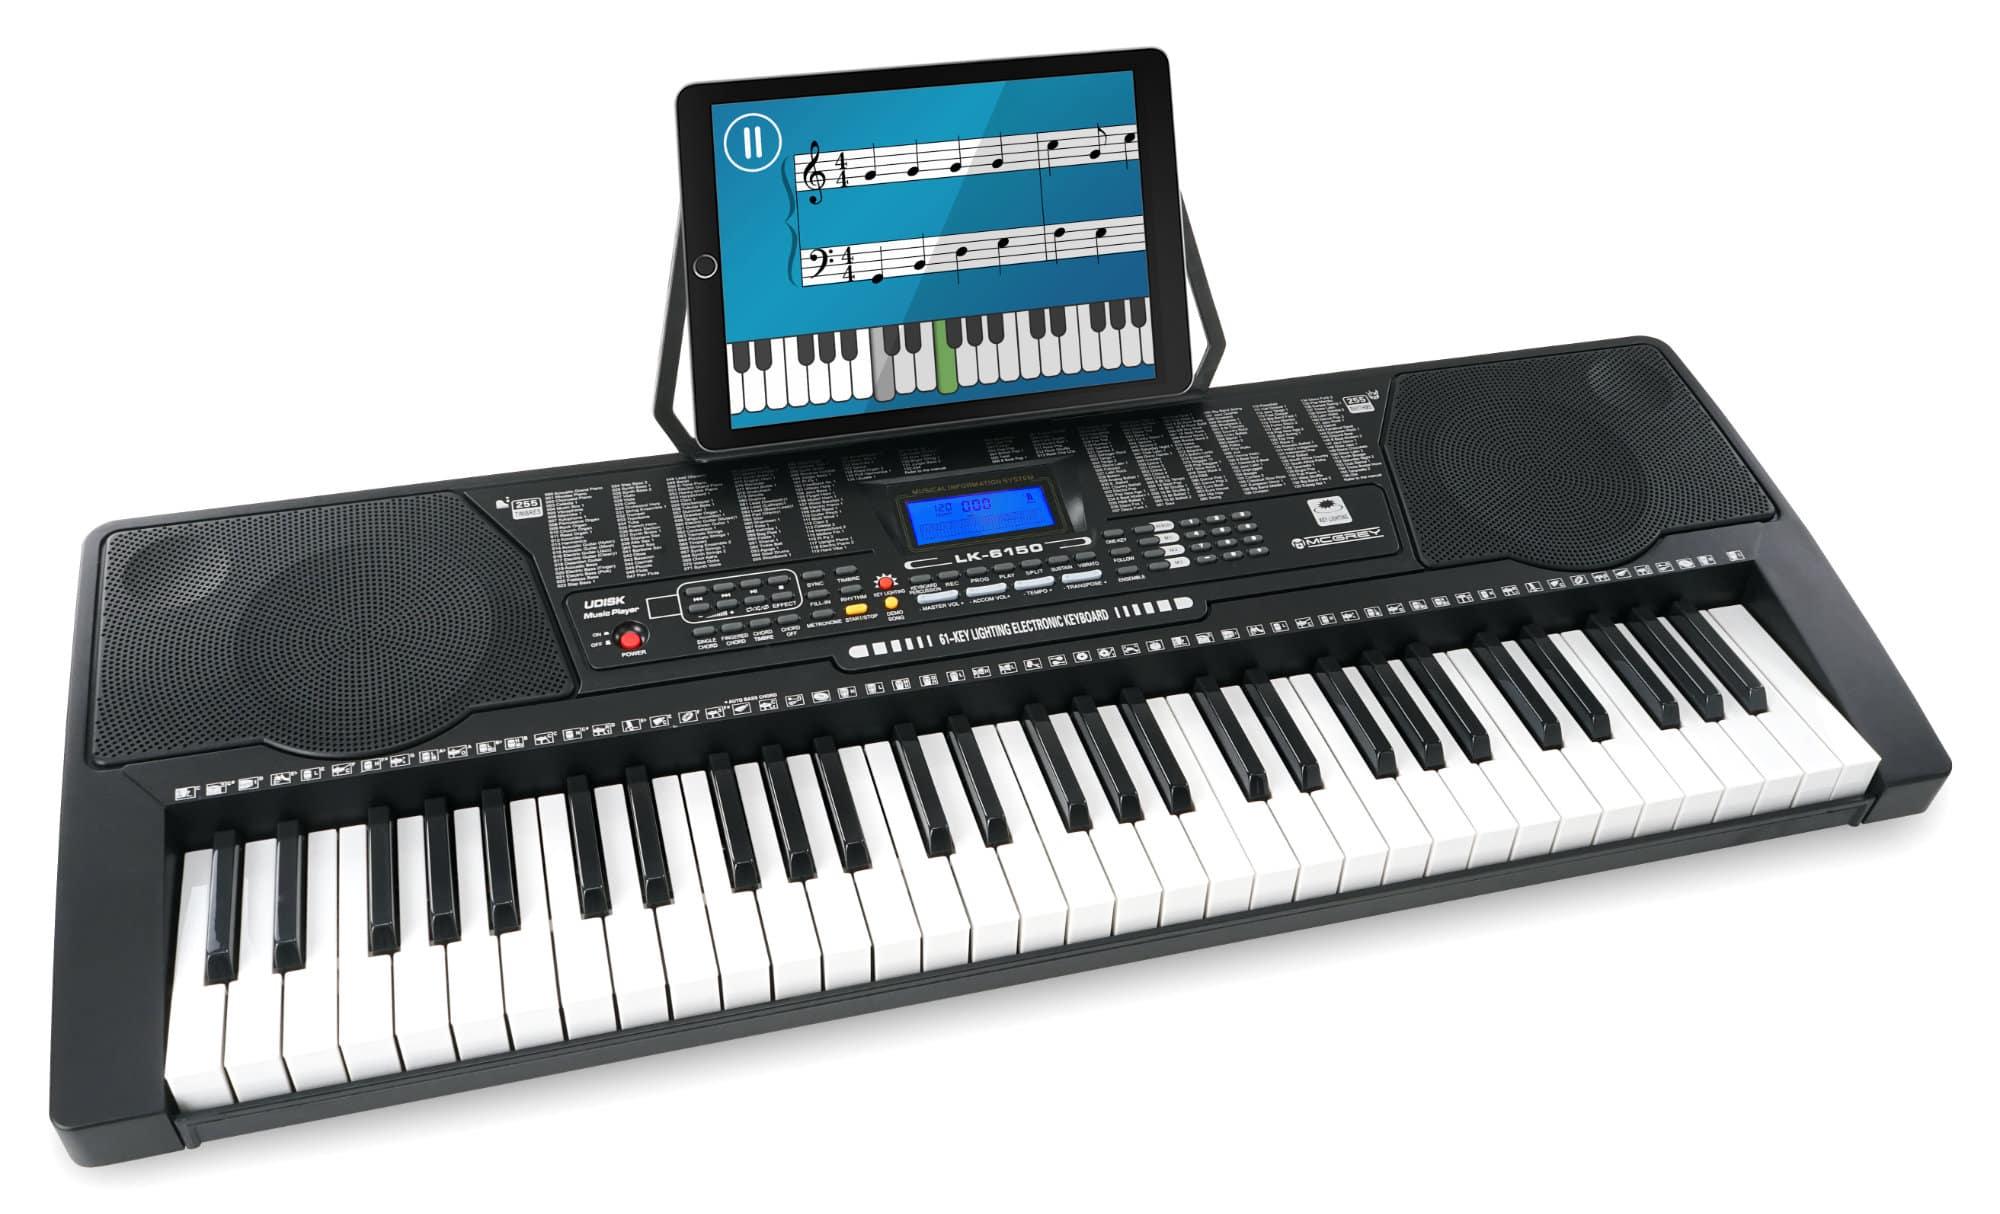 Homekeyboards - McGrey LK 6150 61 Tasten Keyboard mit Leuchttasten und MP3 Player - Onlineshop Musikhaus Kirstein